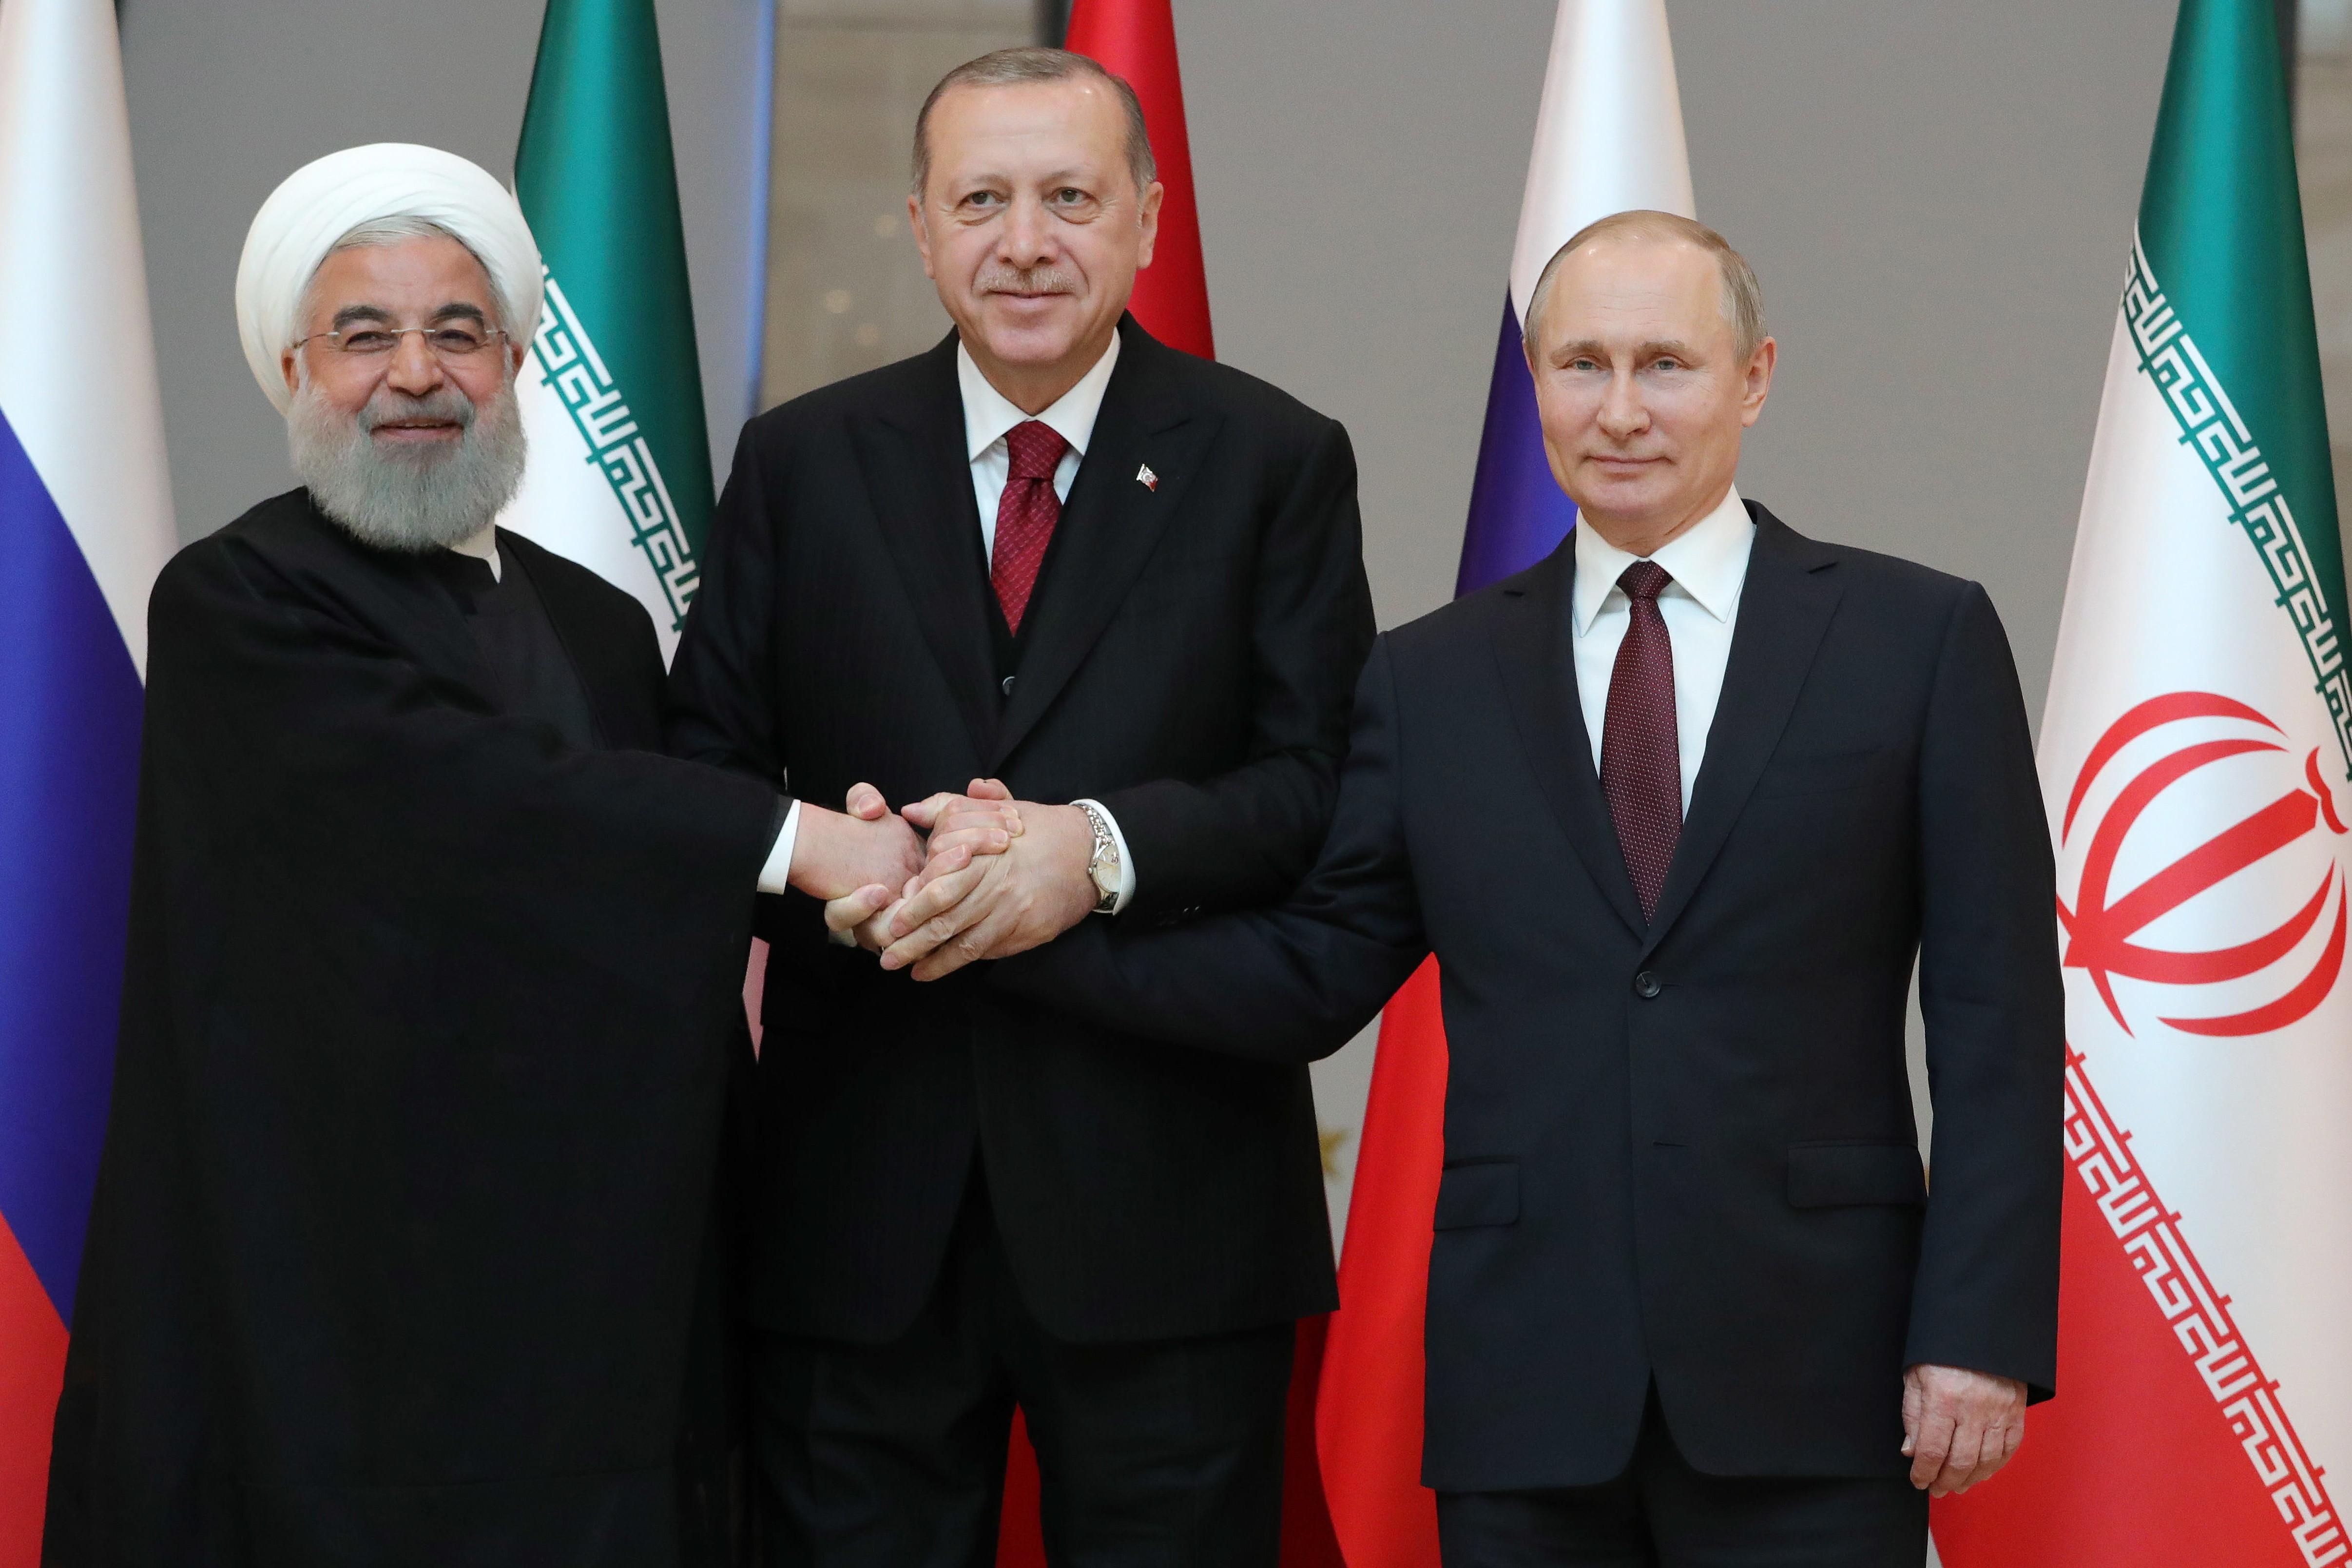 Путин: РФ, Турция иИран поддерживают территориальную целостность исуверенитет Сирии